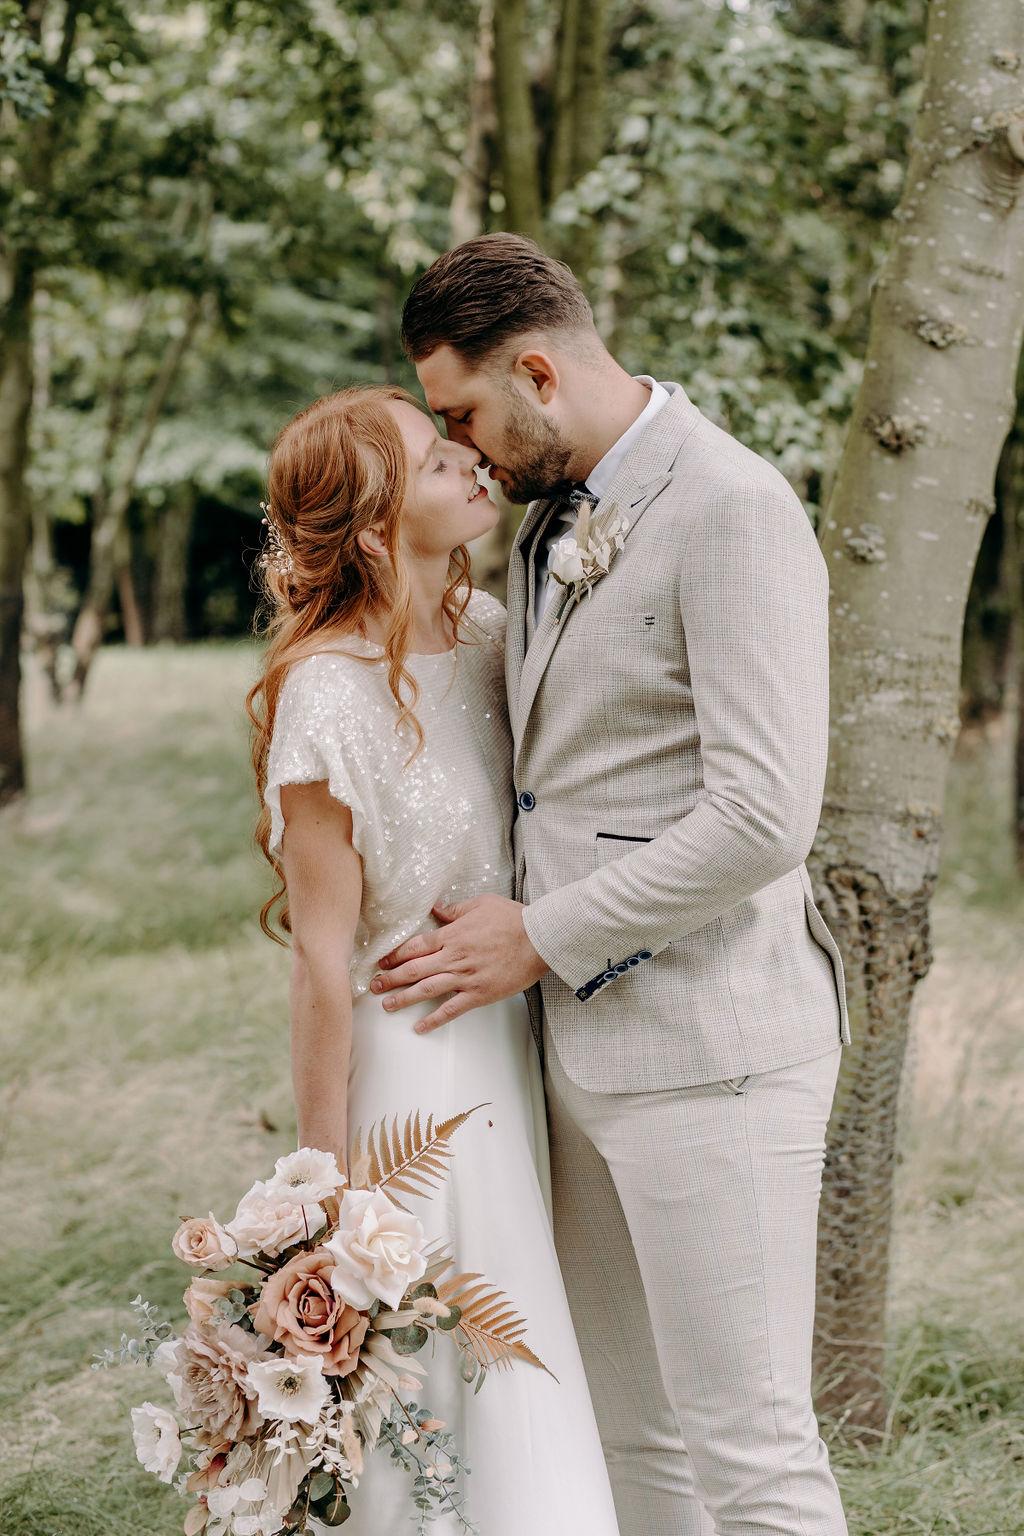 sustainable boho wedding - unconventional wedding - bohemian wedding photography - eco friendly wedding - unconventional wedding